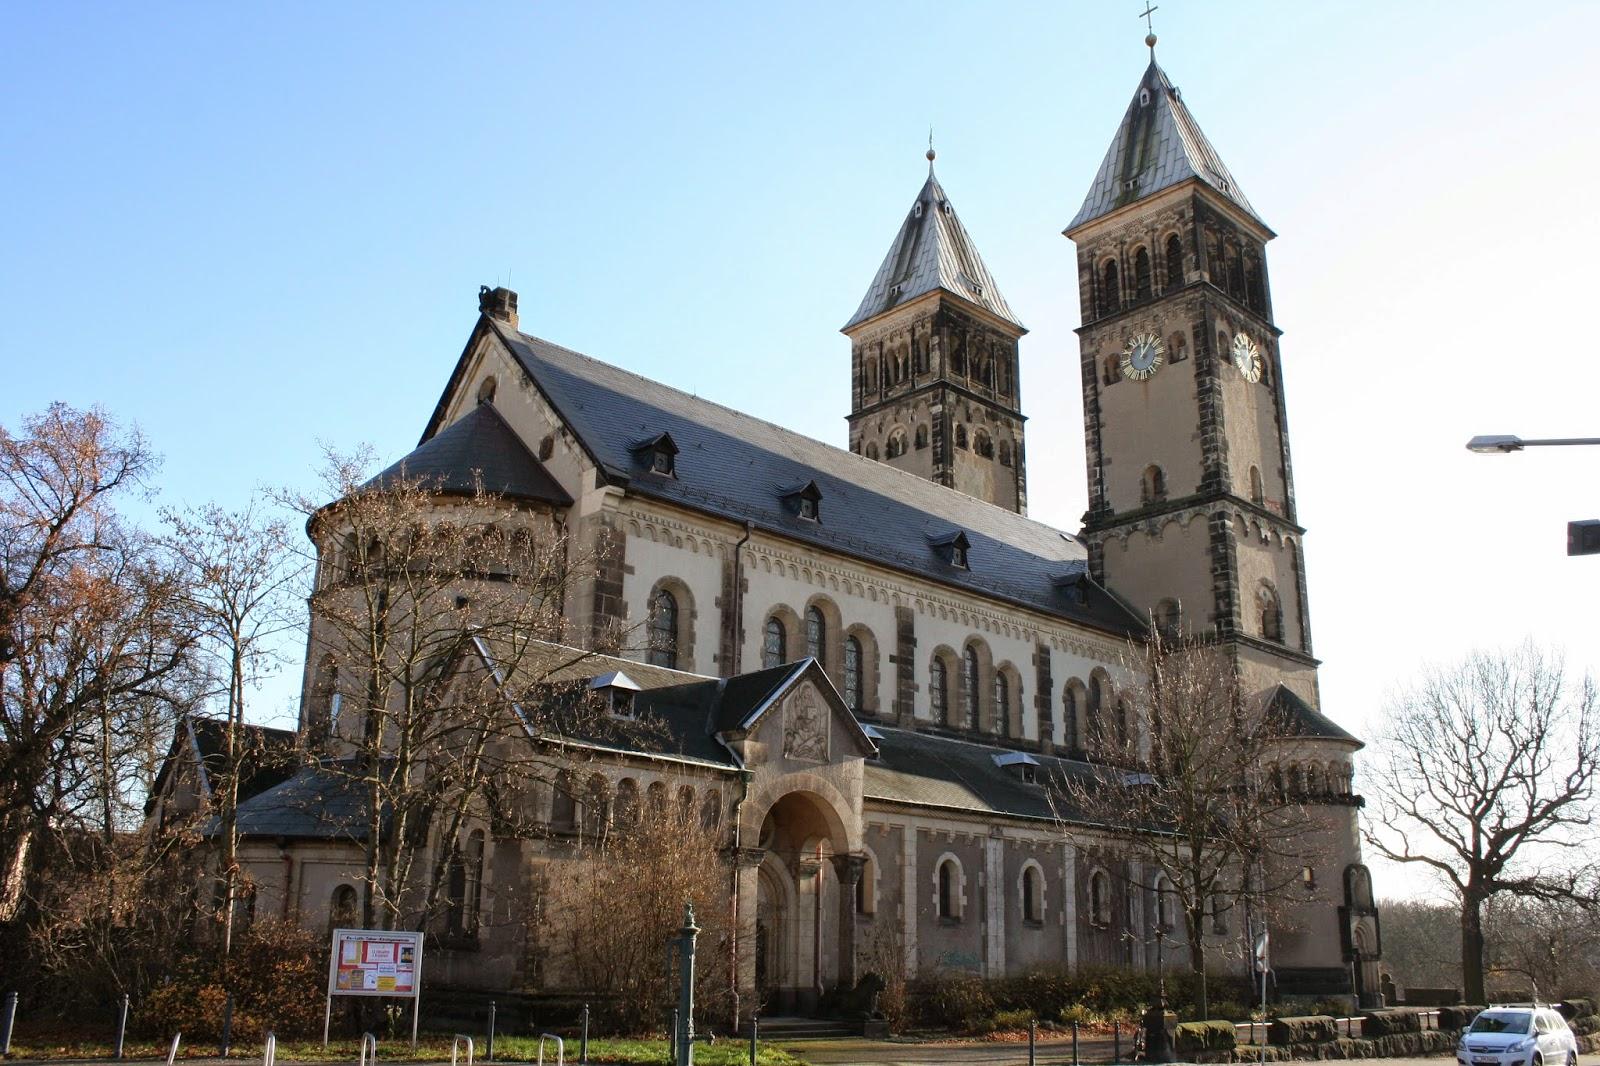 Die Taborkirche wurde einer romanischen Basilika nachempfunden und ist Leipzigs einzige Kirche mit 2 Haupttürmen - 1905 wurde die direkt davorstehende einfache Chorturmkirche abgerissen, da diese zu klein wurde - wird betrieben von der Ev.-Luth. Tabor-Kirchgemeinde in Leipzig-Kleinzschocher